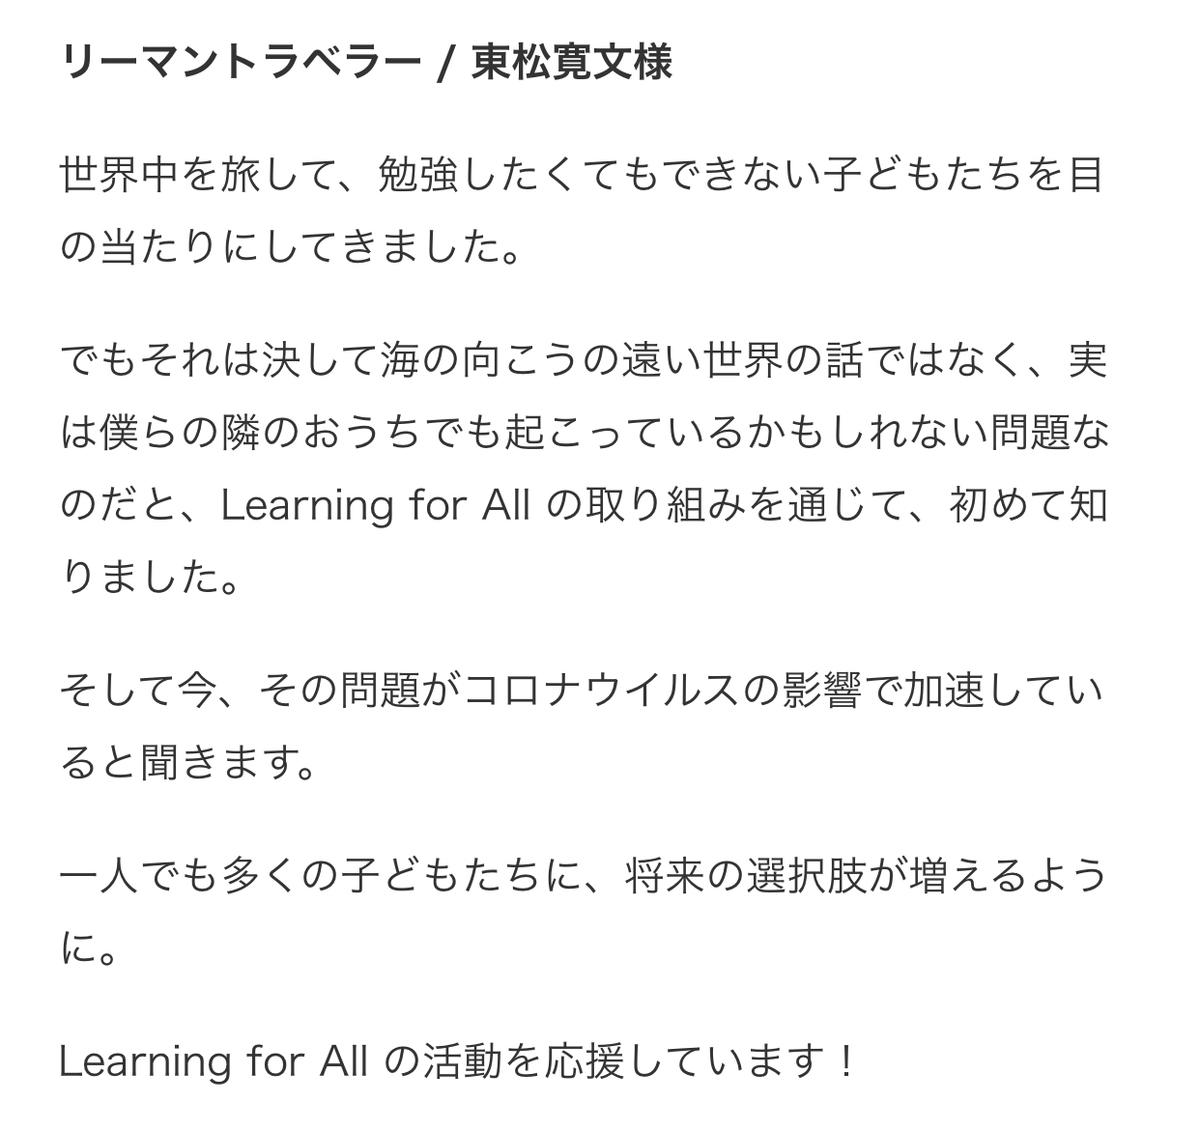 f:id:tomatsu1024:20200531173922j:plain